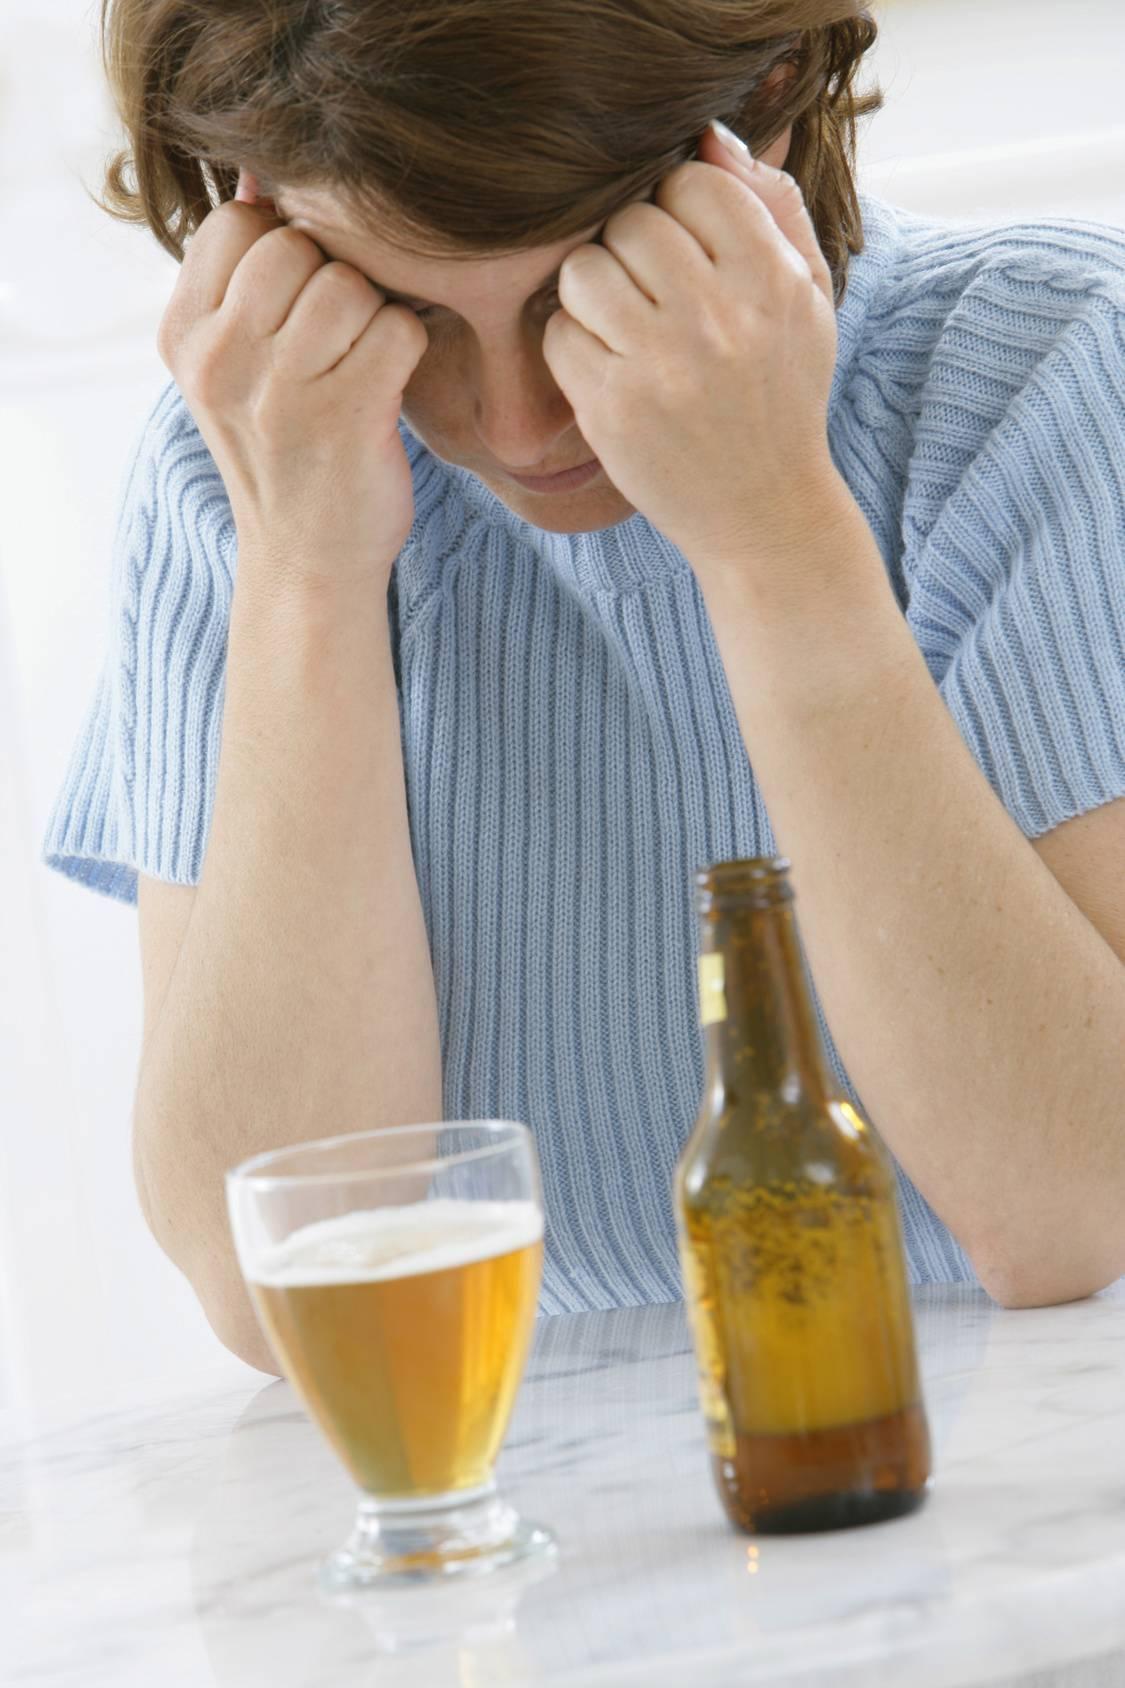 Бросил пить пиво последствия по дням